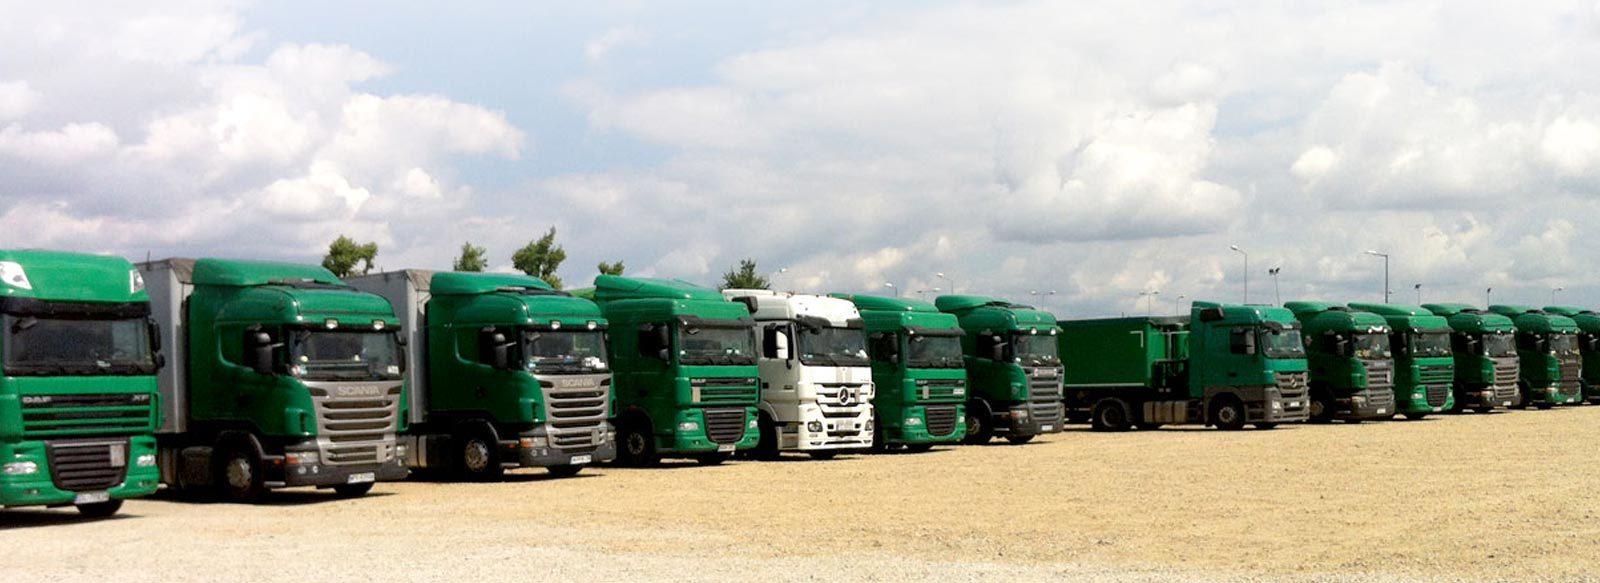 Producent wyrobów granitowych - własny transport